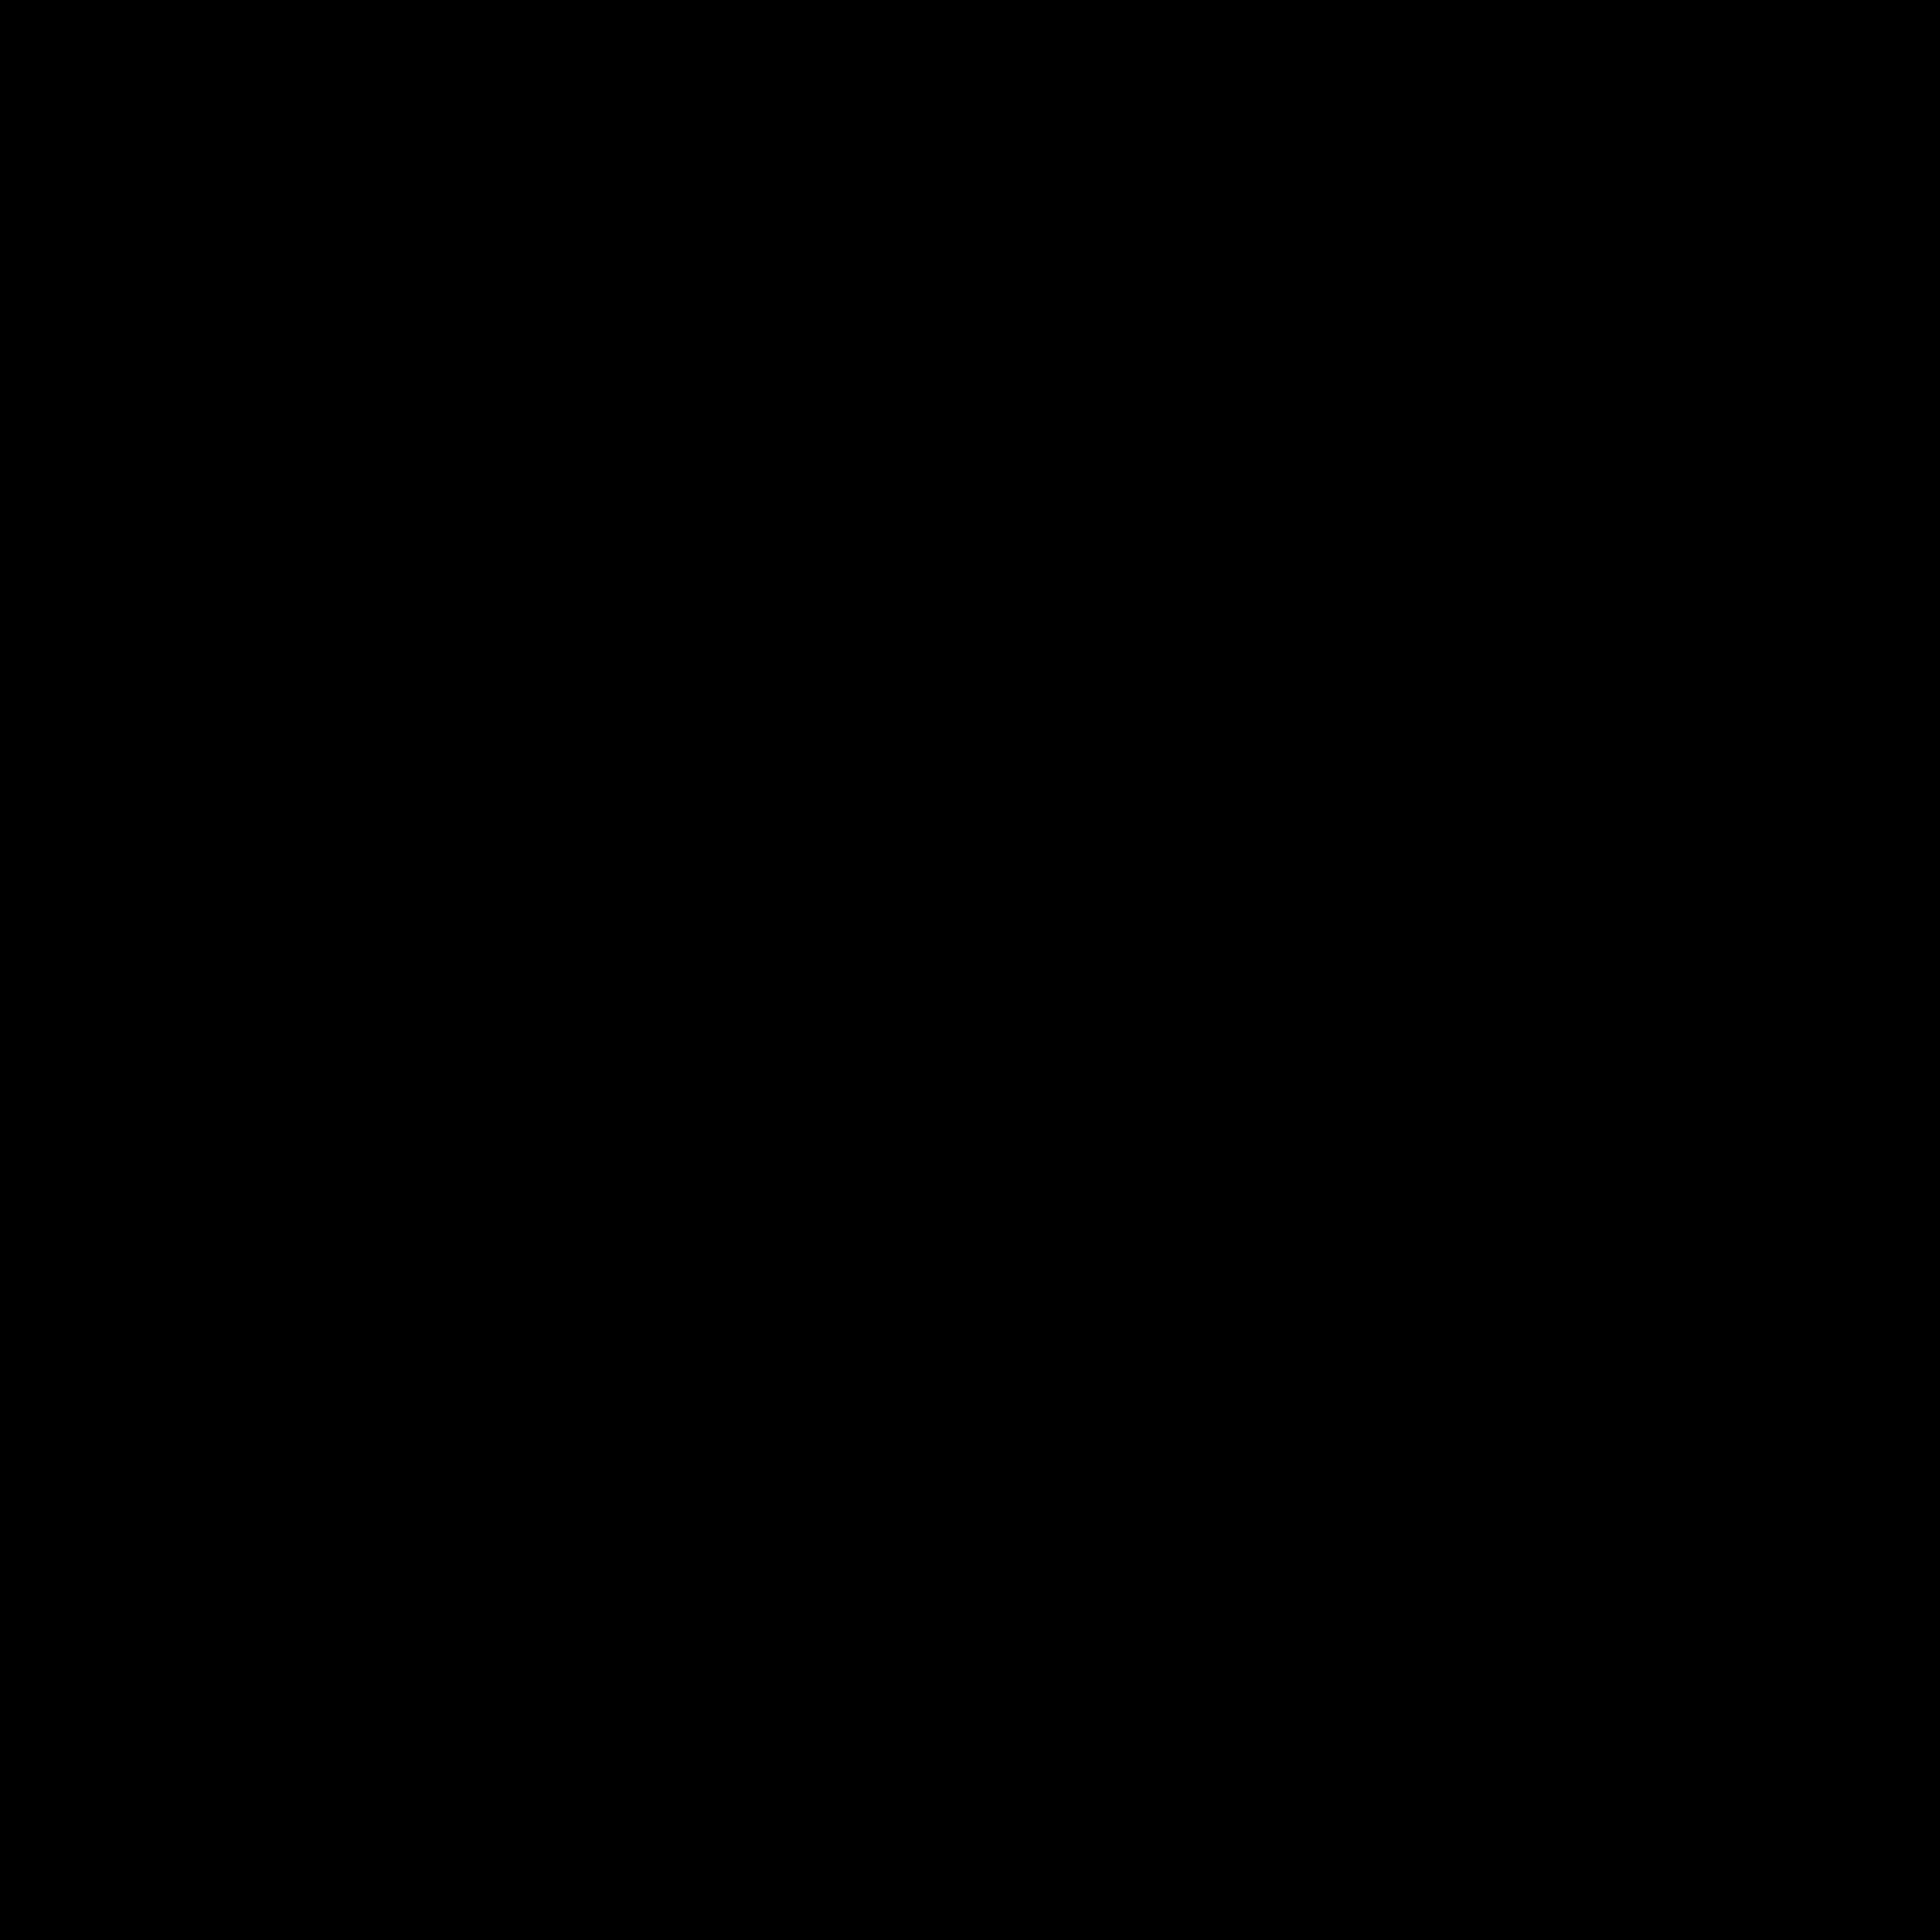 Naklejka na ścianę pies beagle 8